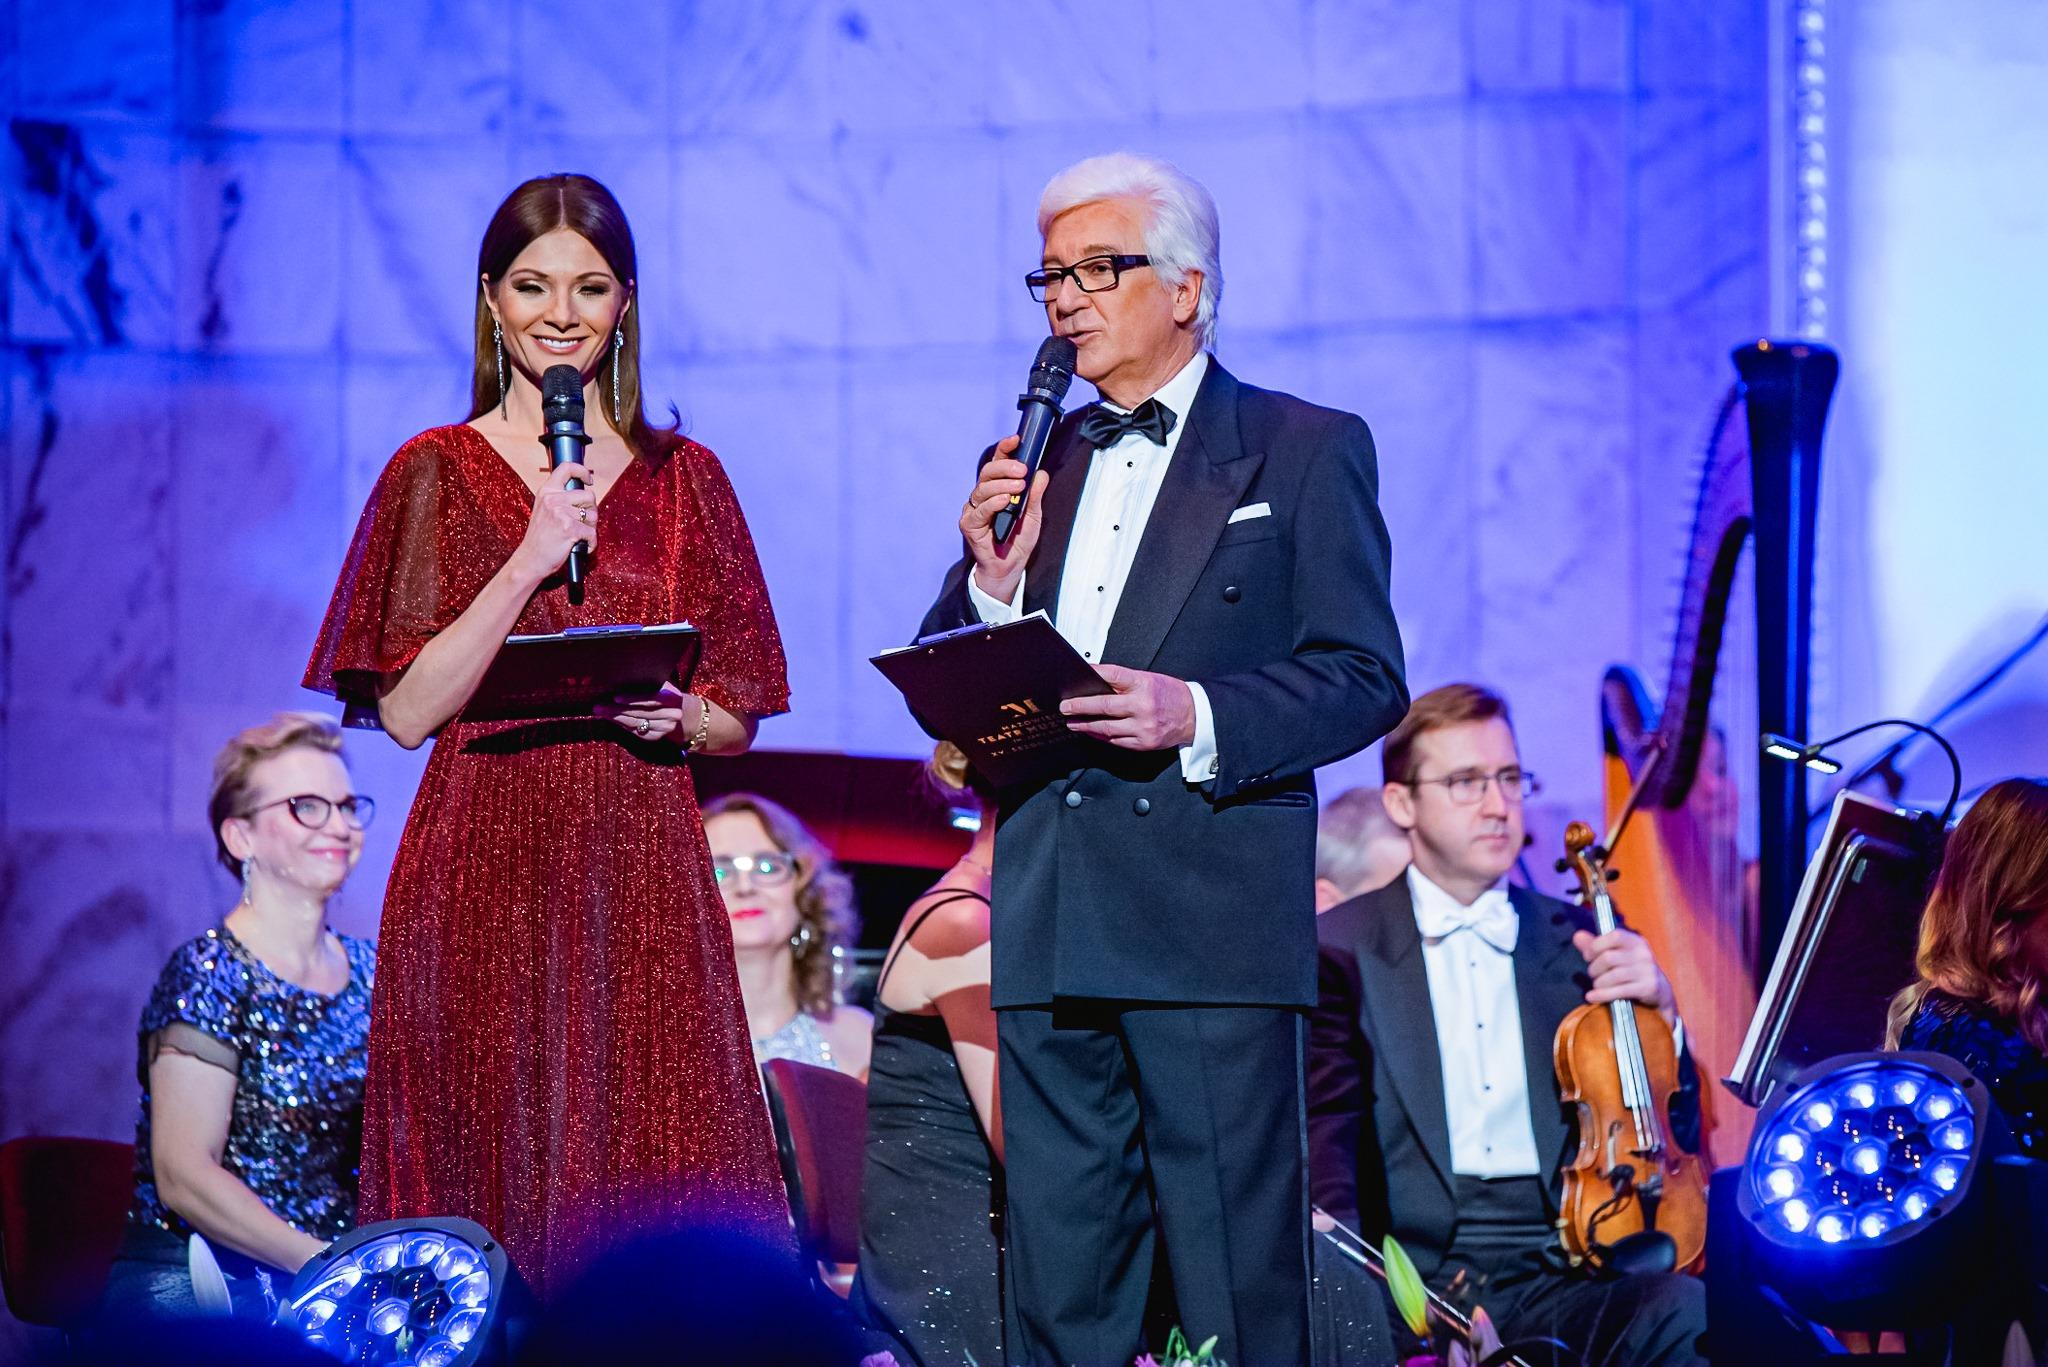 Agata-konarska-koncert-noworoczny-z-rysardem-Rembiszewskim | LEJDI.PL